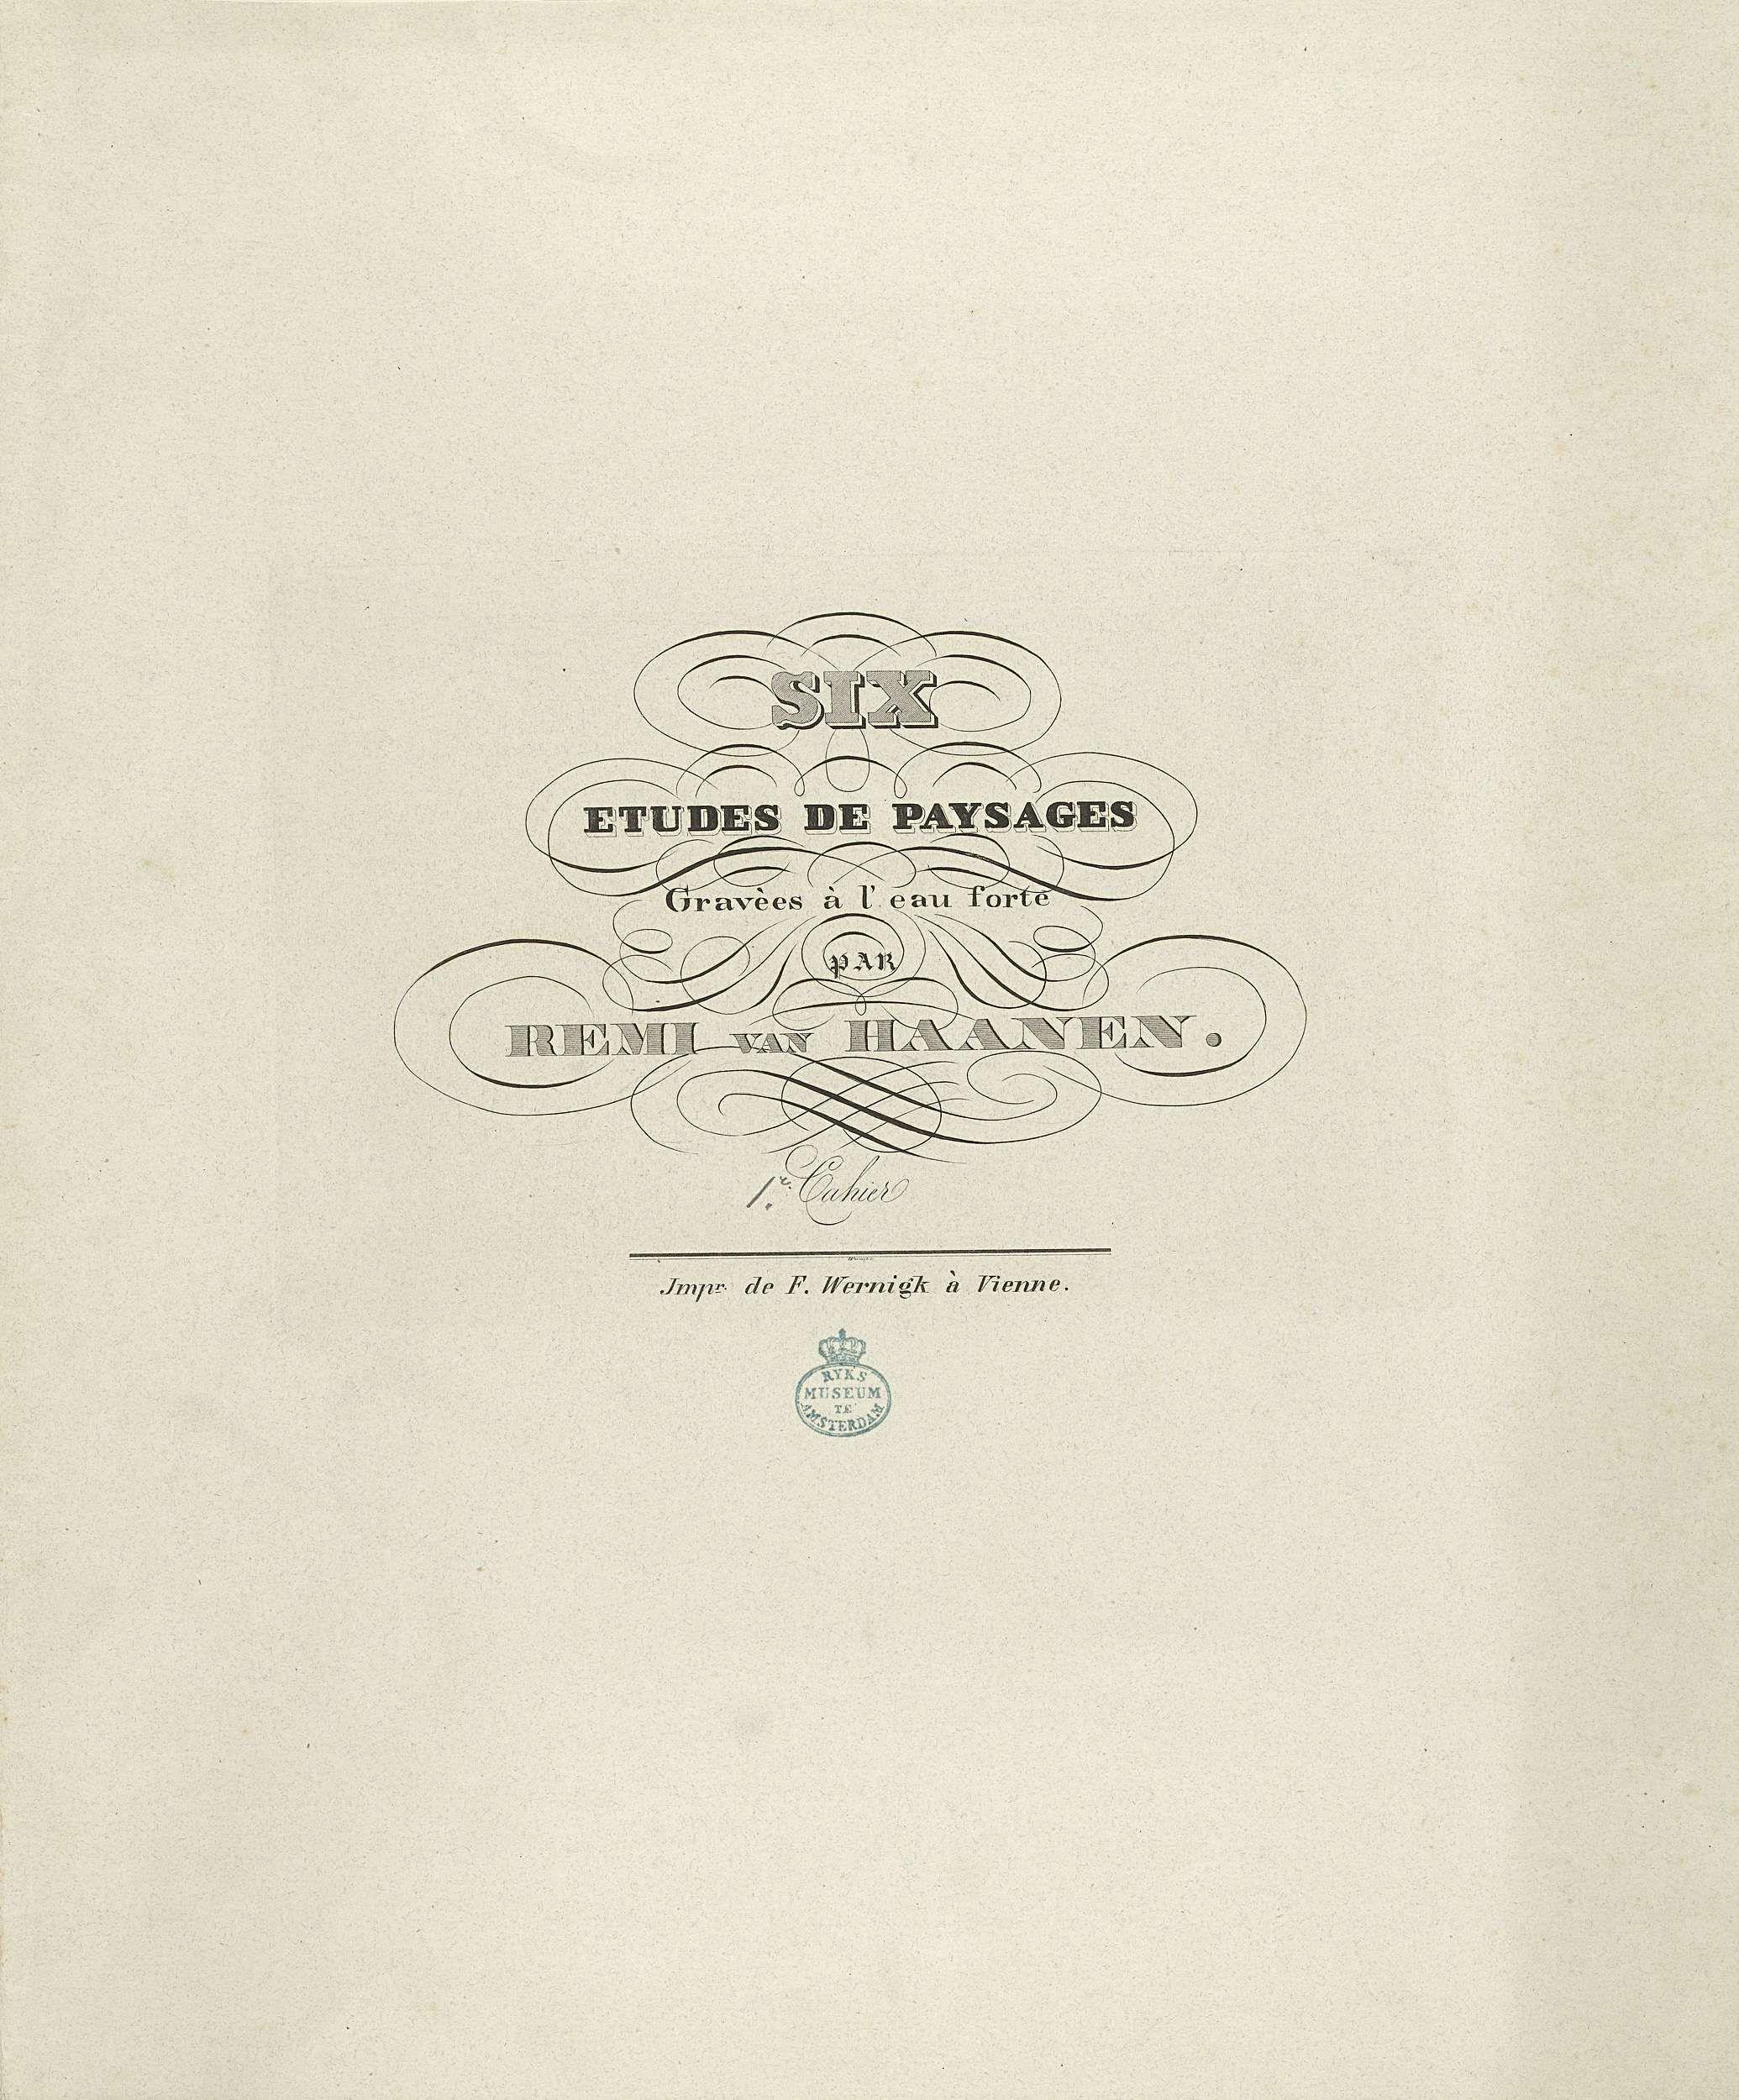 F. Wernigk | Omslag voor zes landschapsstudies door Remi van Haanen, F. Wernigk, Anonymous, 1848 - 1849 |